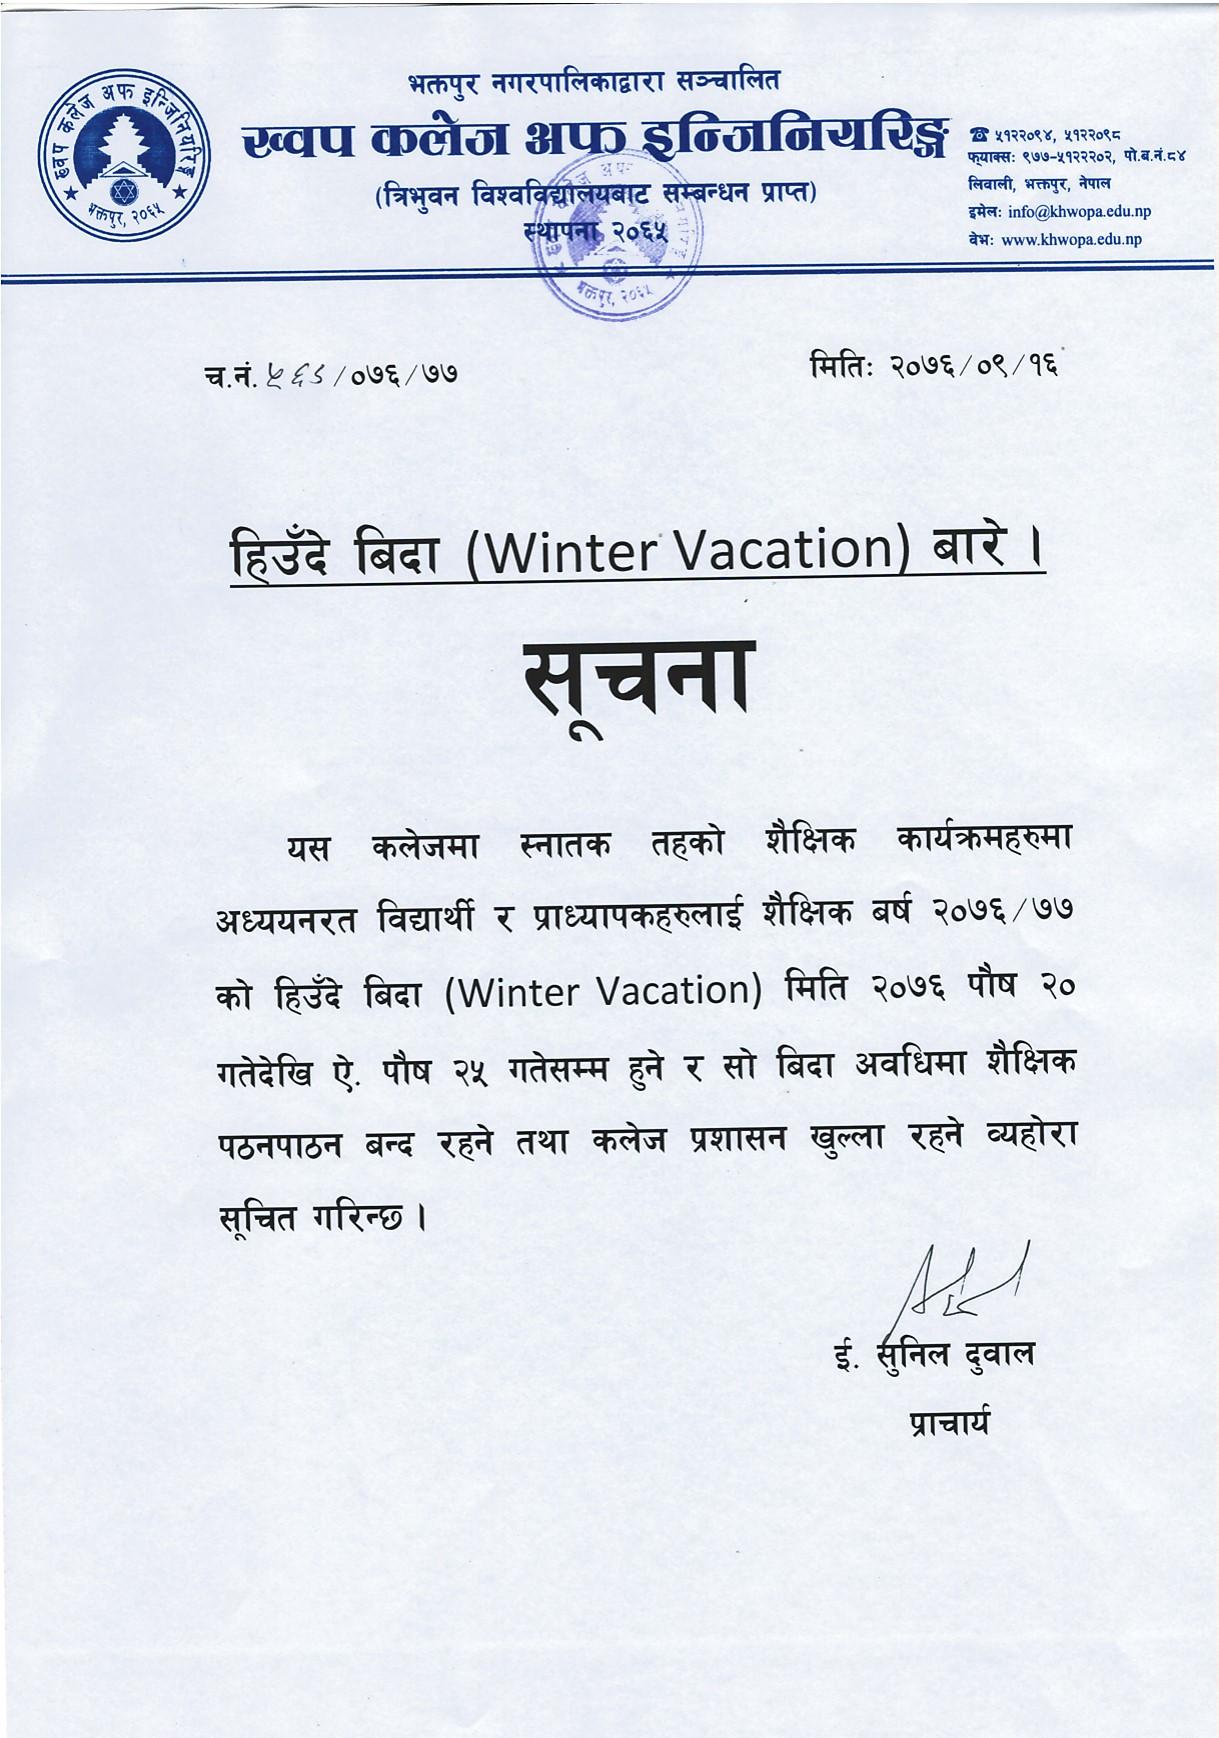 हिउँदे बिदा (Winter Vacation) बारे सूचना !